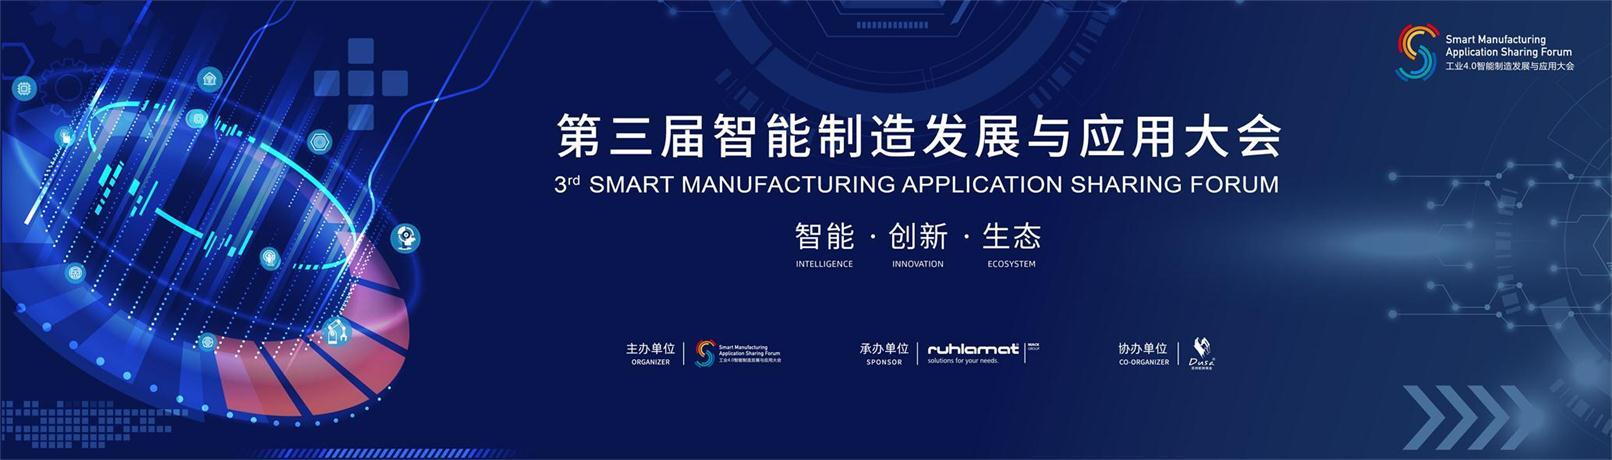 智能-创新-生态 第三届工业4.0智能制造发展与应用大会即将在苏举行